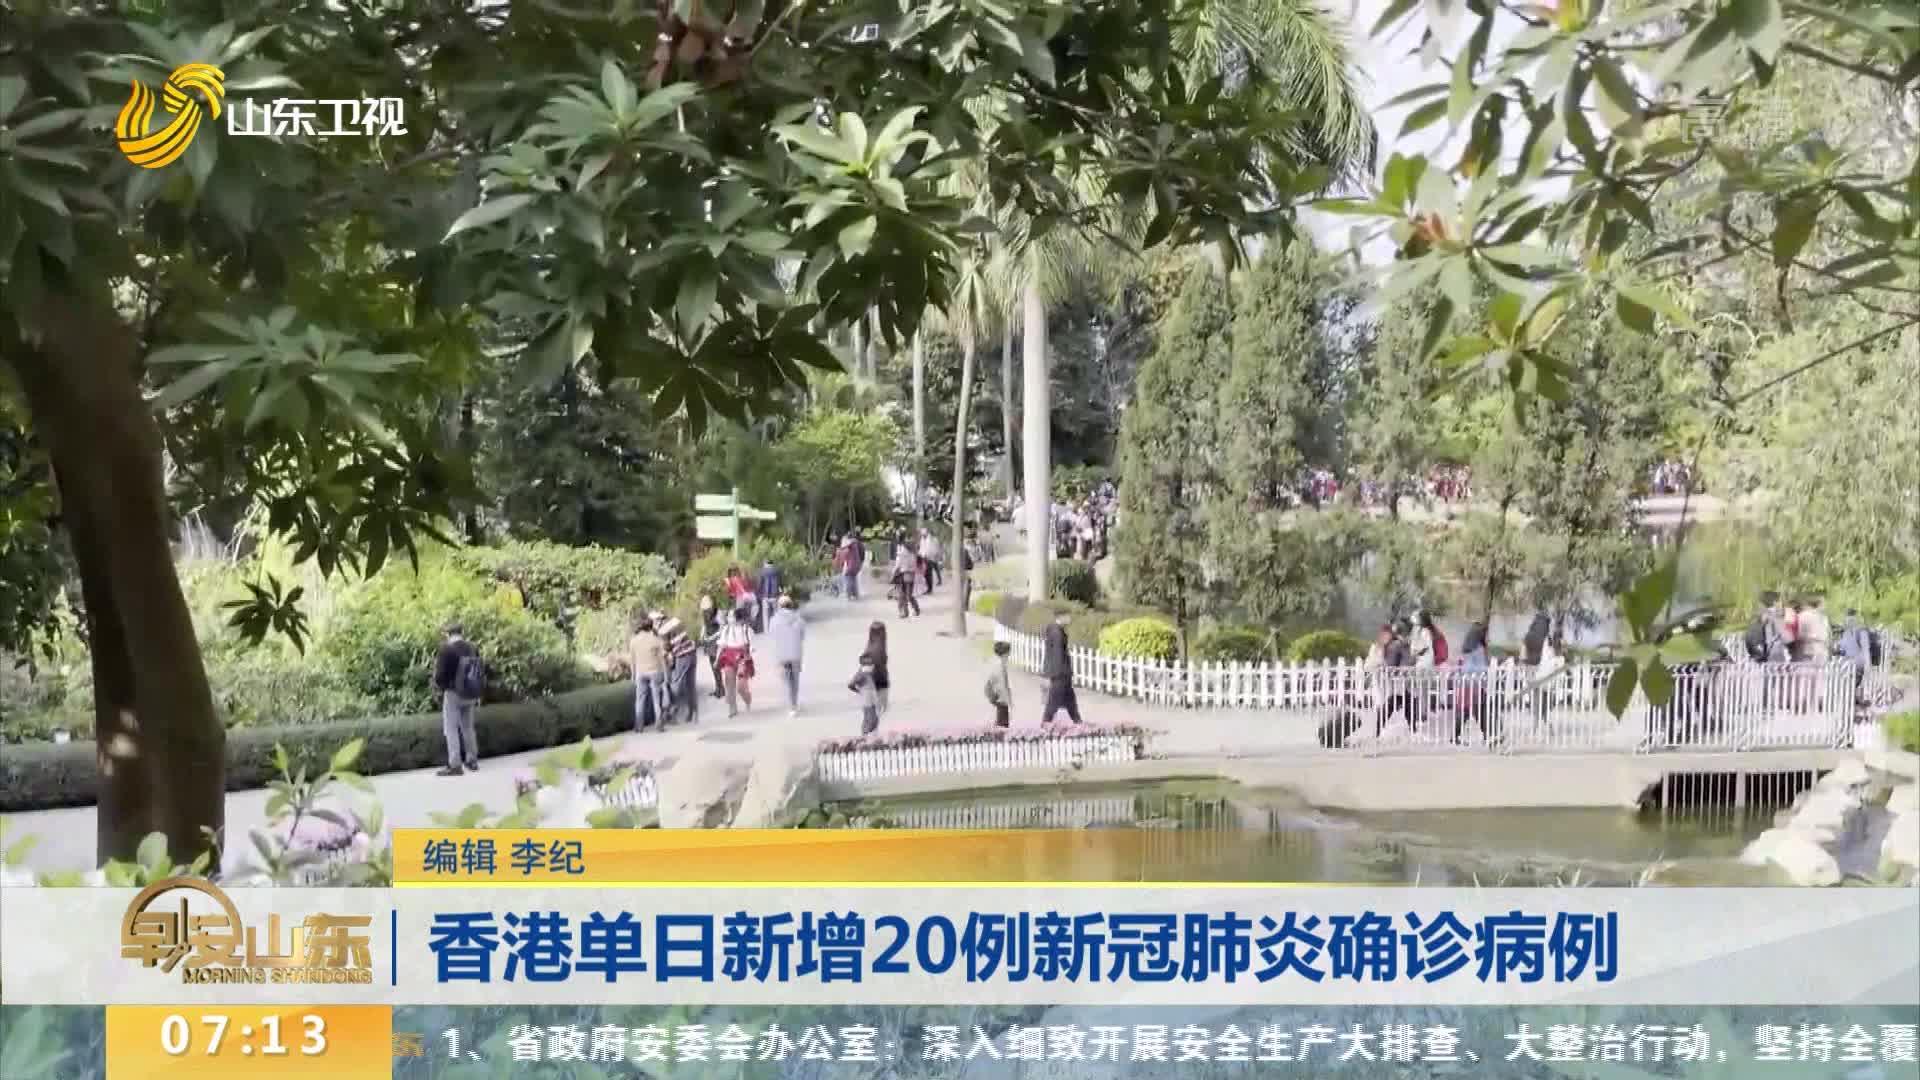 香港单日新增20例新冠肺炎确诊病例